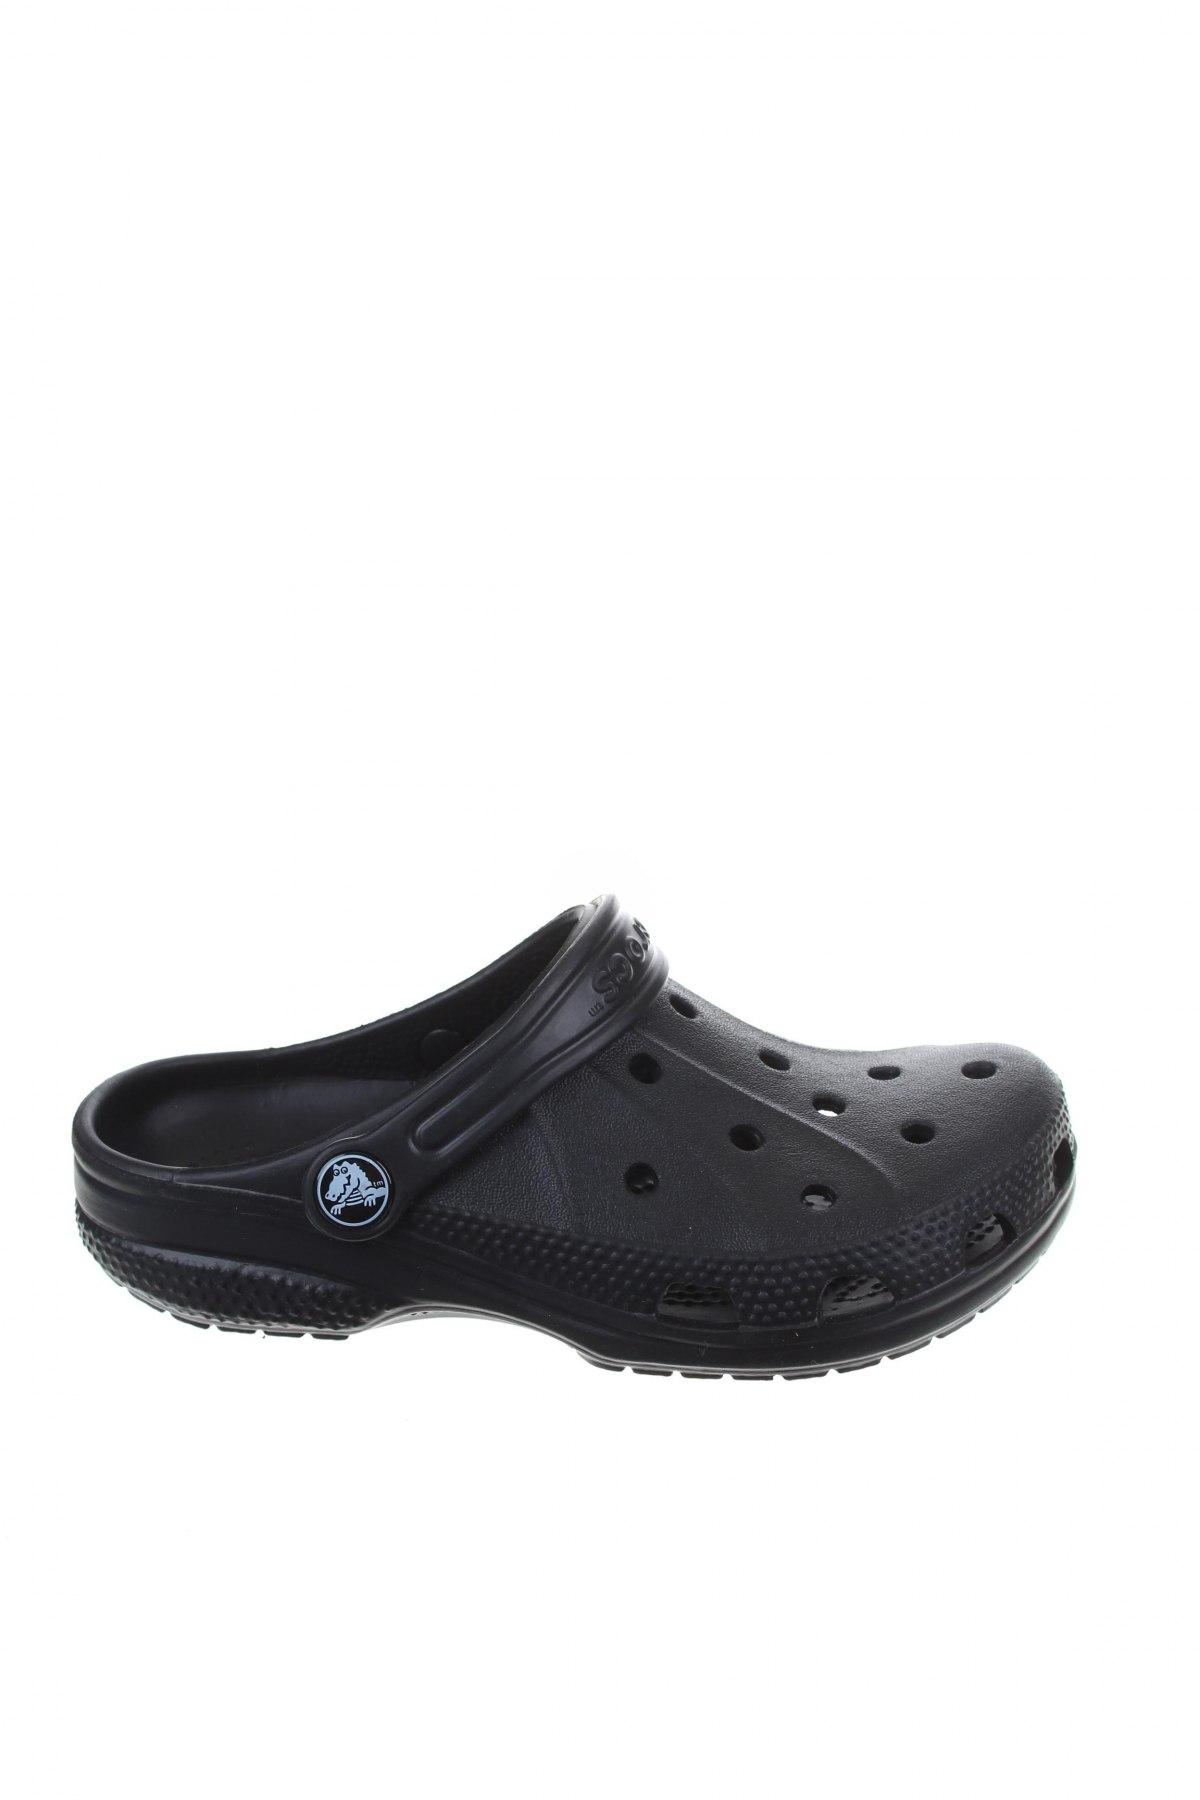 Γυναικείες παντόφλες Crocs, Μέγεθος 29, Χρώμα Μαύρο, Πολυουρεθάνης, Τιμή 21,34€